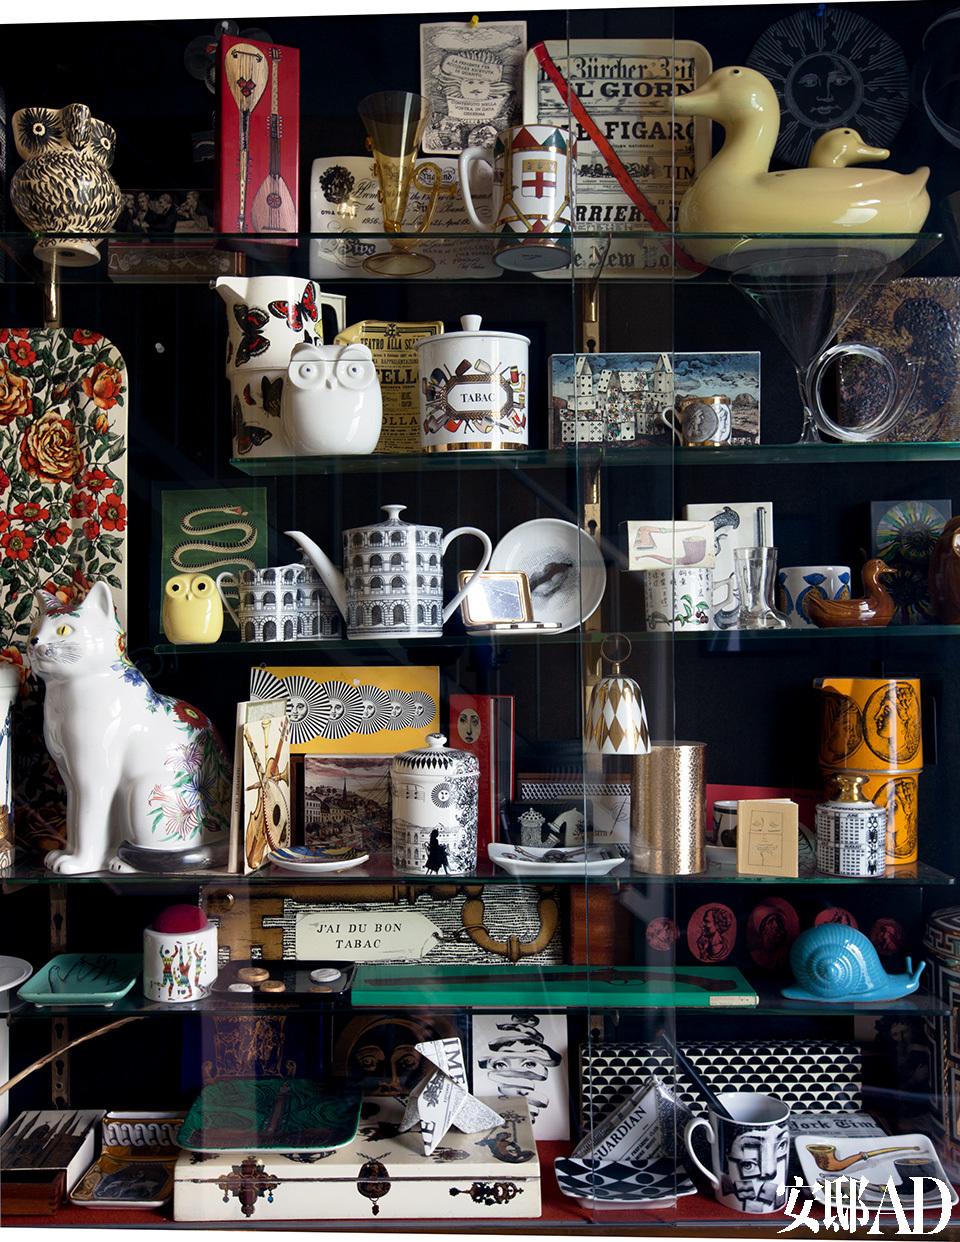 家里像一座妙趣横生的博物馆,而多数藏品都是自家人的创造。柜子上摆放着来自Atelier Fornasetti的收藏物。